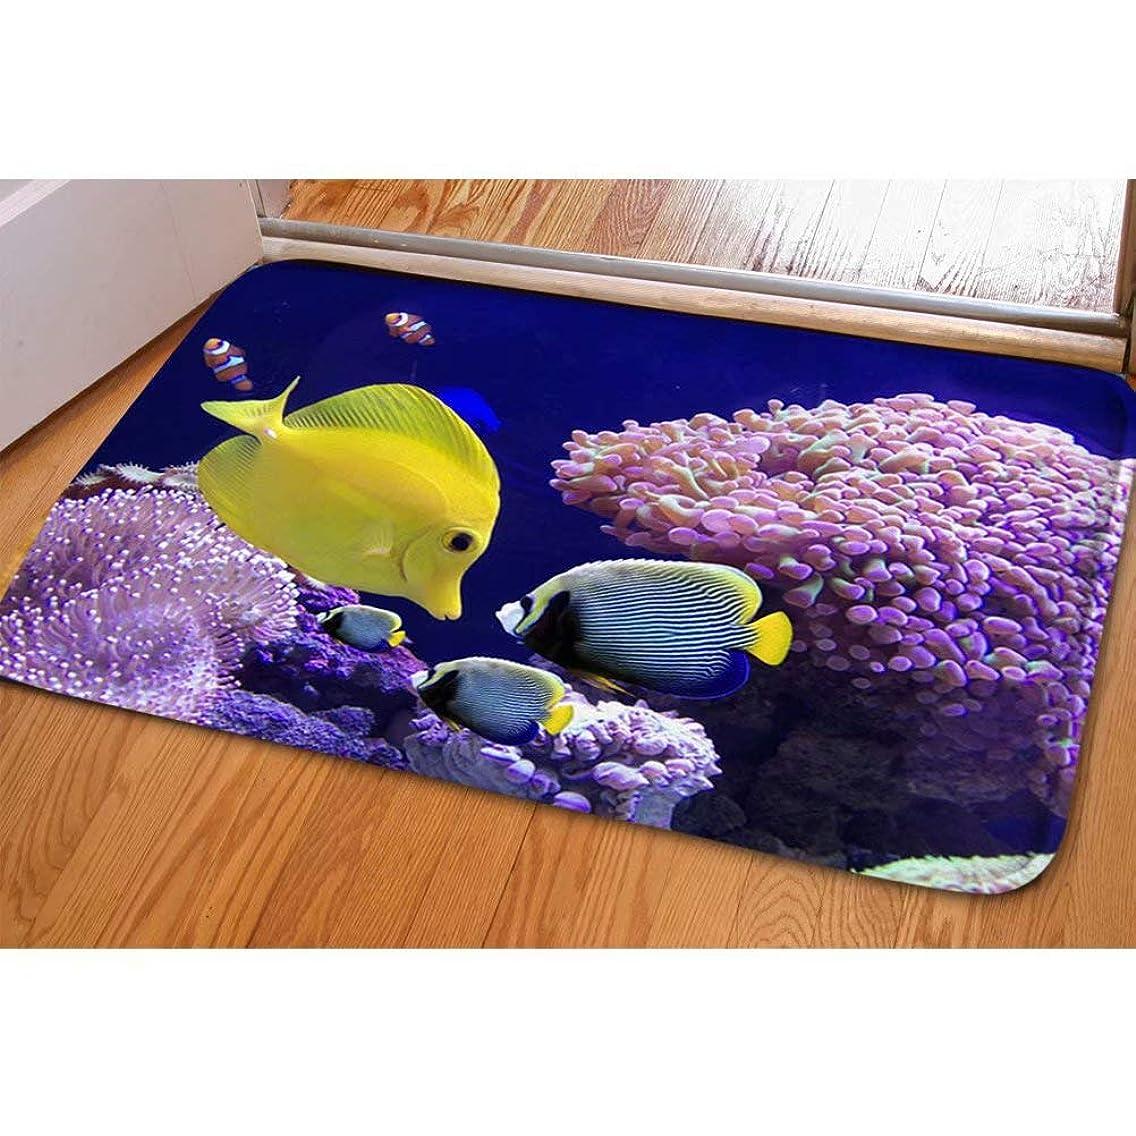 Allcute Fish in Ocean Nature Flannel Blended Non-Slip Soft Children Bath Rugs Floor Home Kitchen Entryways Outdoor Indoor Doormat Warm Bedroom Undersea View Mat Carpet